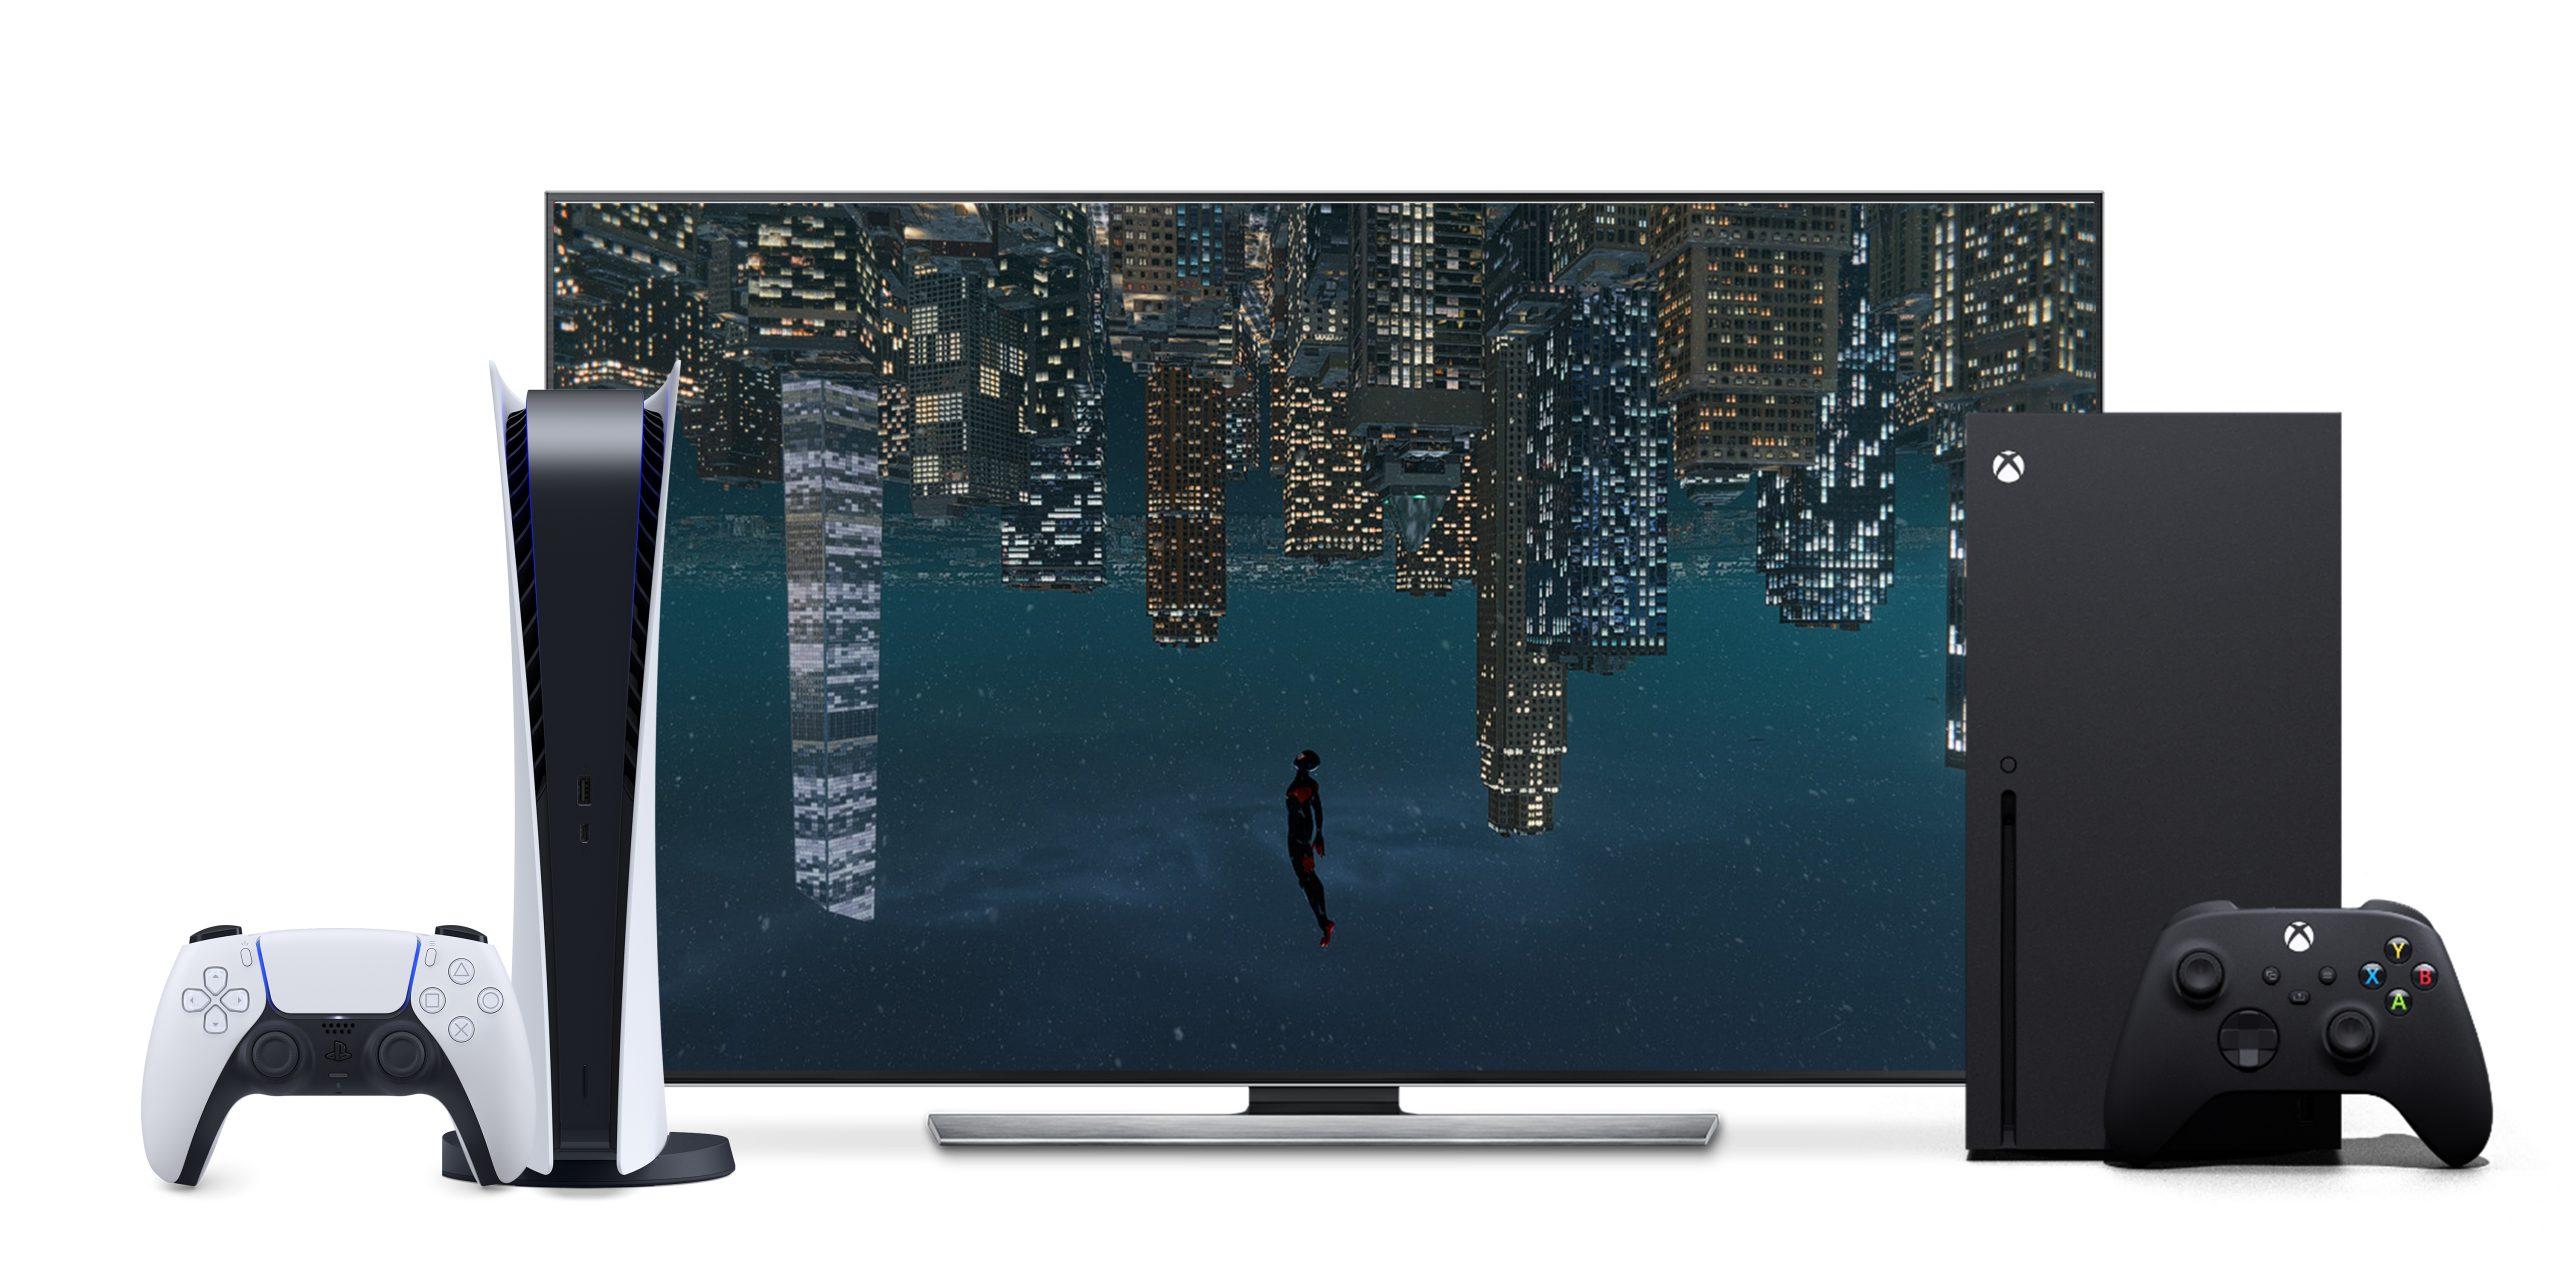 مناسب ترین تلویزیون برای کنسول های نسل جدید؟